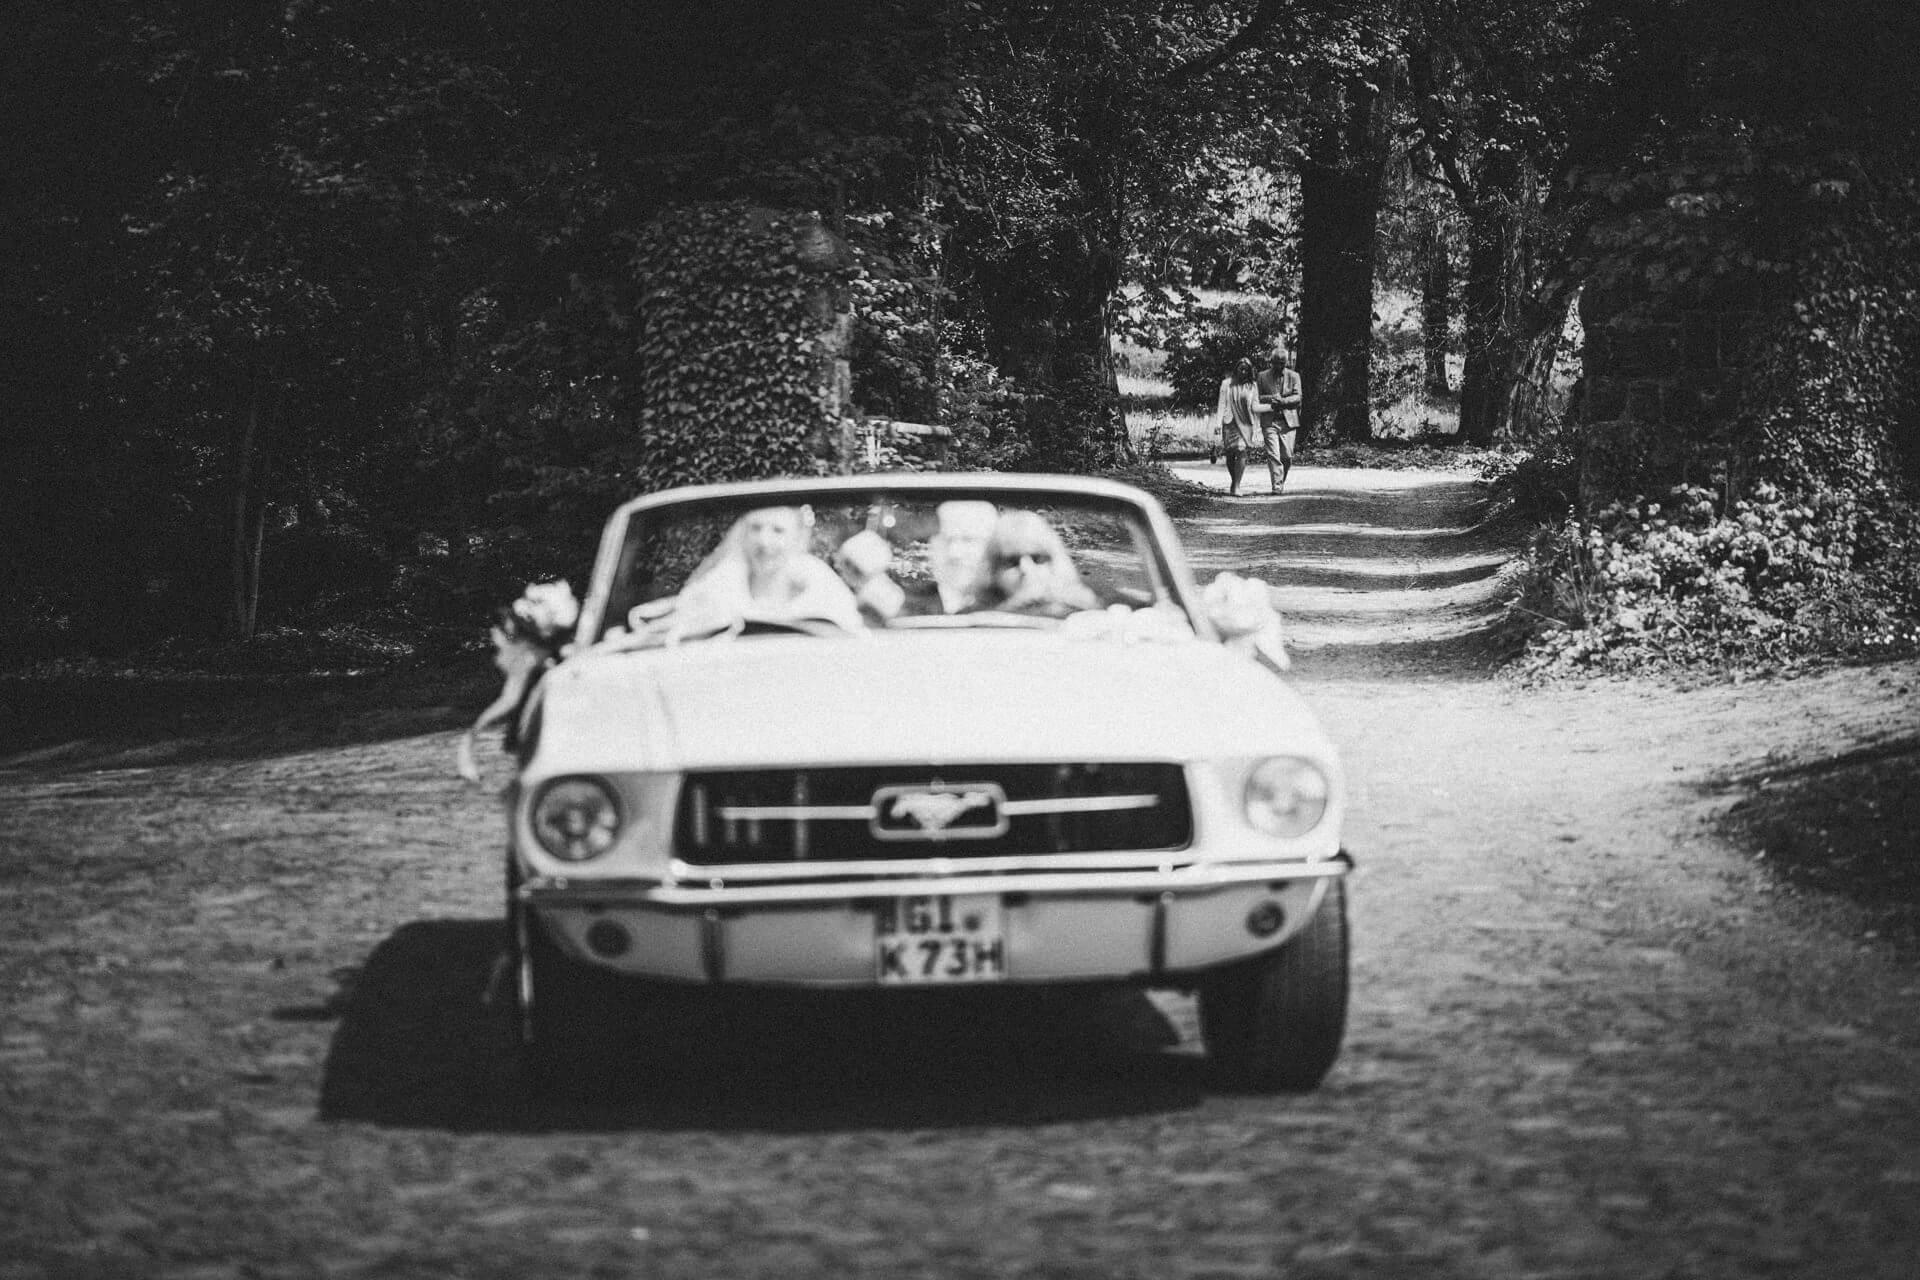 Hochzeitsfotograf Hofgut Friedelhausen -Einzigartige gefühlvolle Hochzeitsbilder